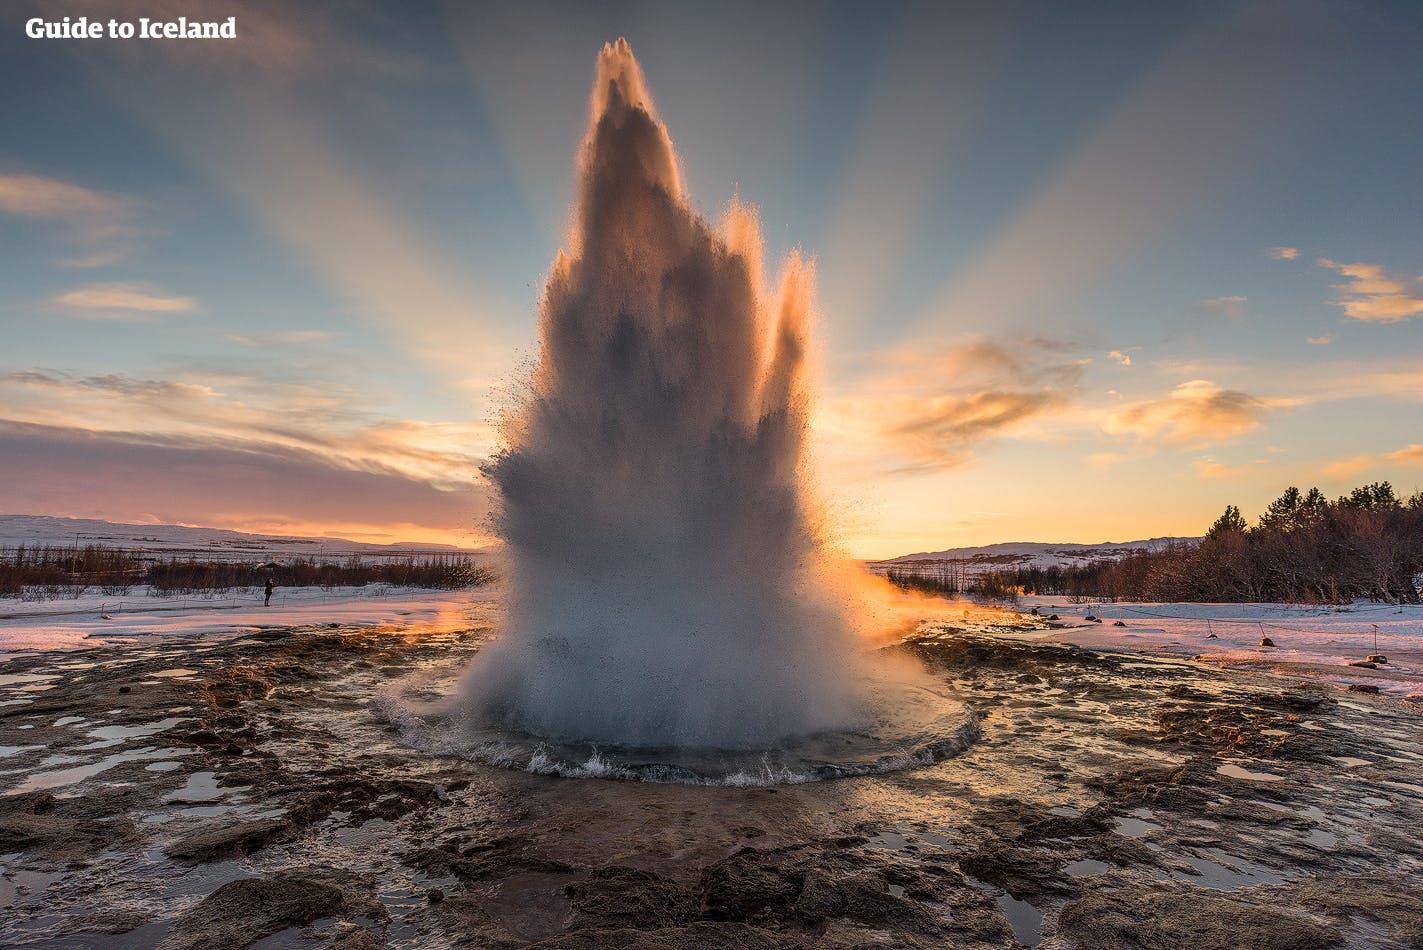 黄金圈景区的Strokkur间歇泉喷发出壮观的水柱